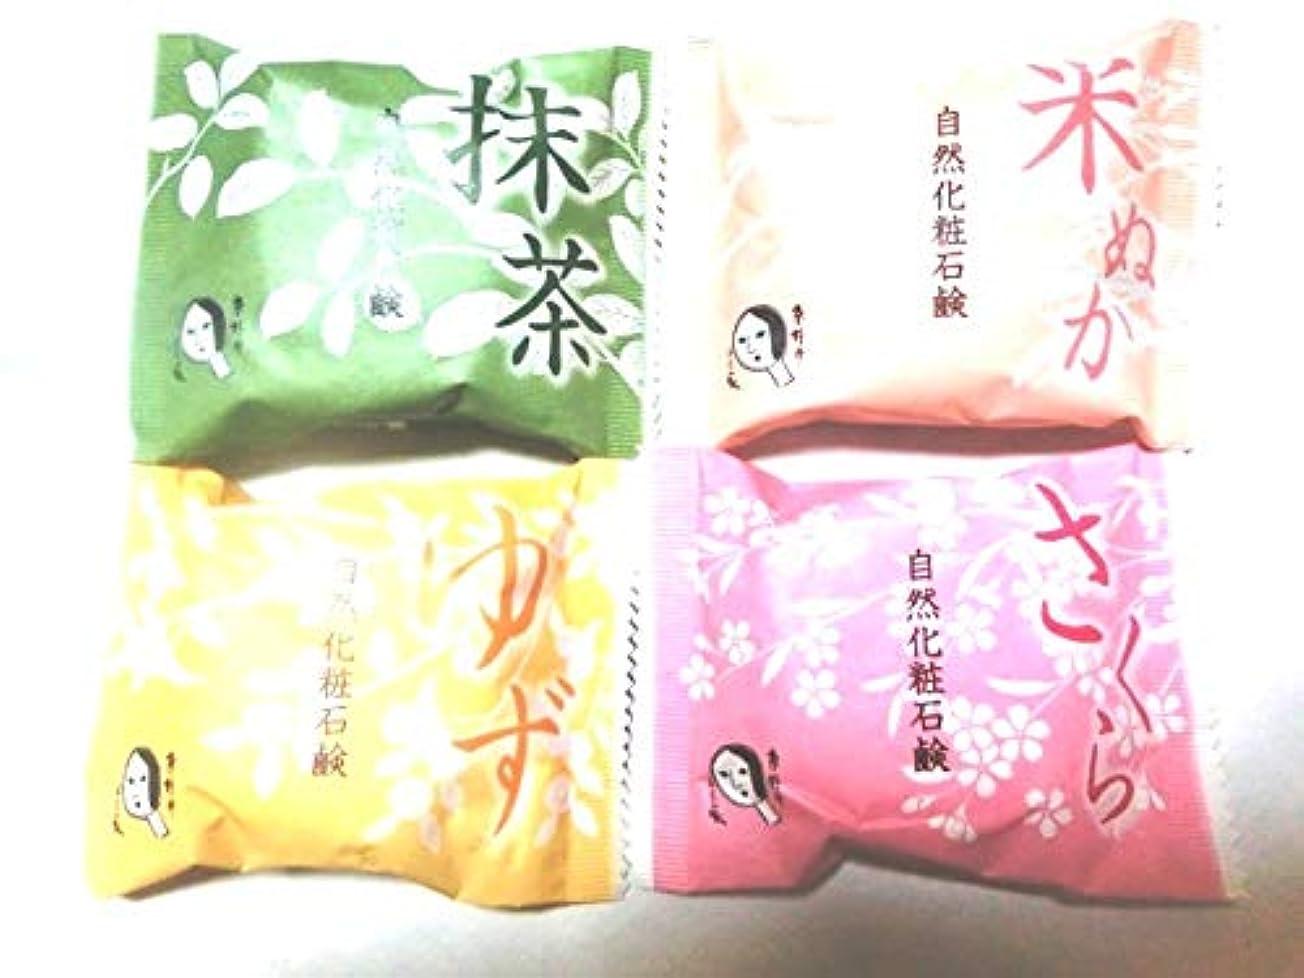 うまくいけばロゴケーキよーじや 自然化粧石鹸 50g (さくら)